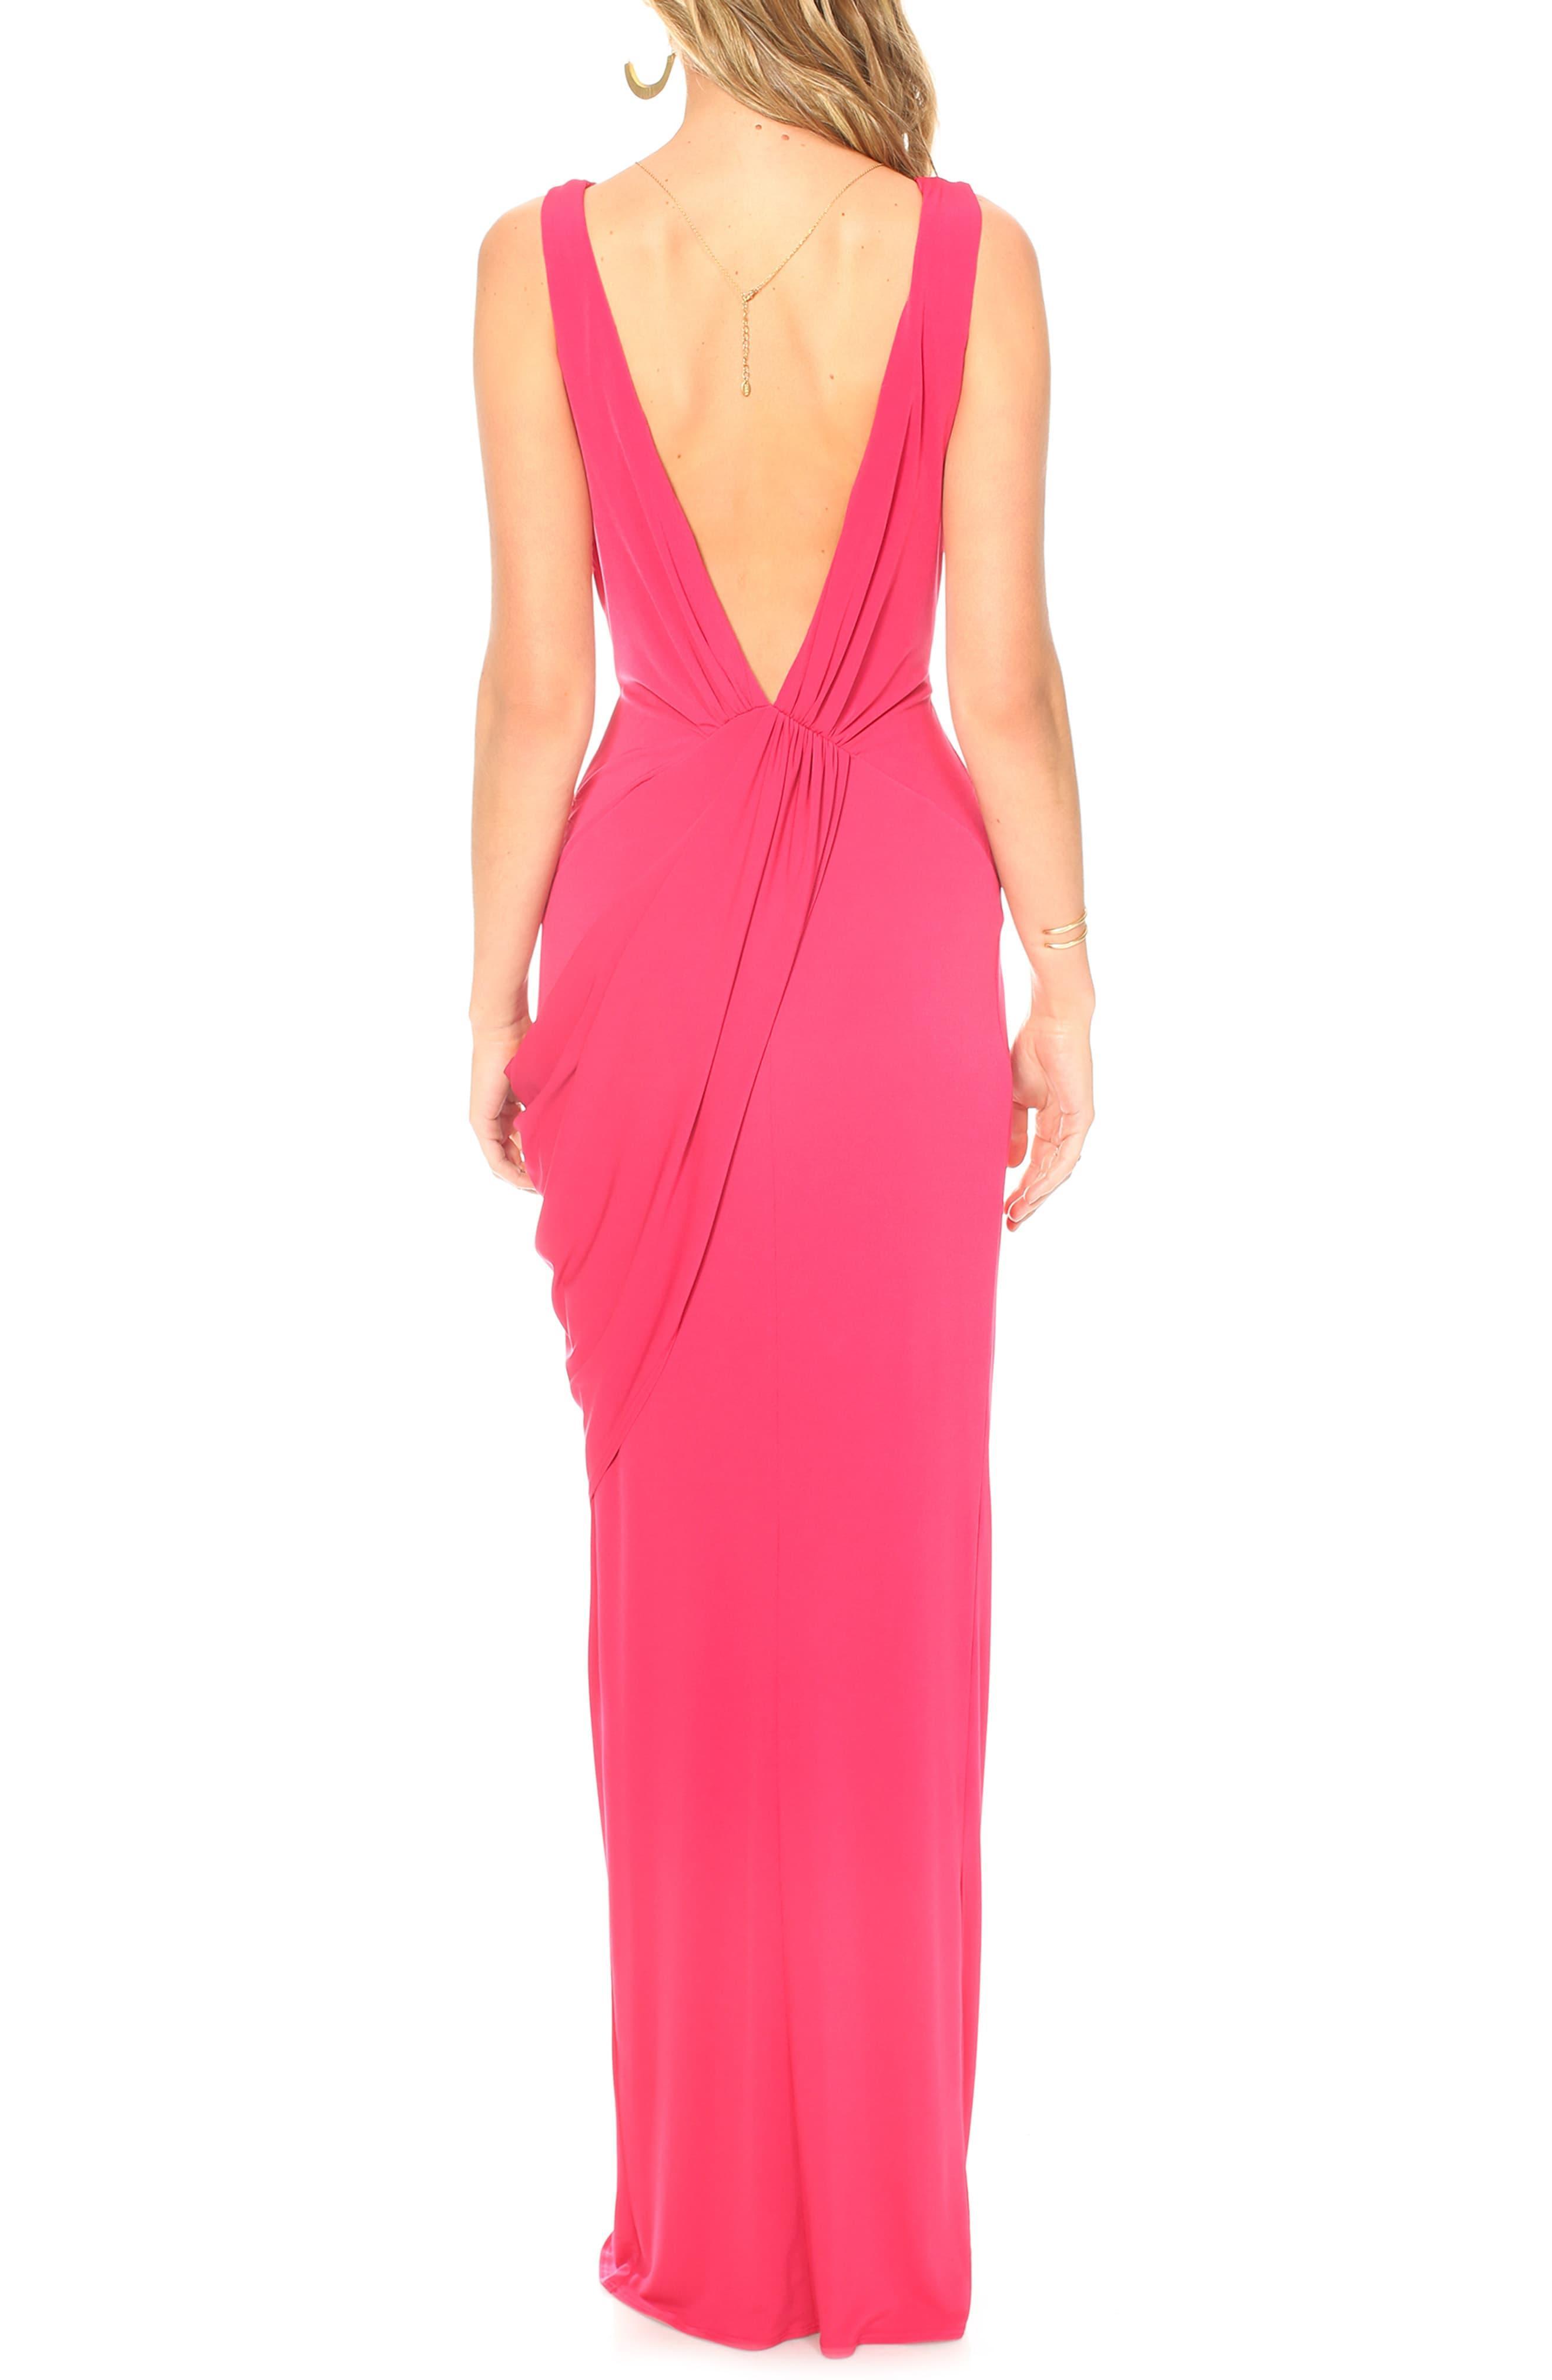 f4f20ffc3dd Katie May - Red Leo Twist Front Evening Dress - Lyst. View fullscreen